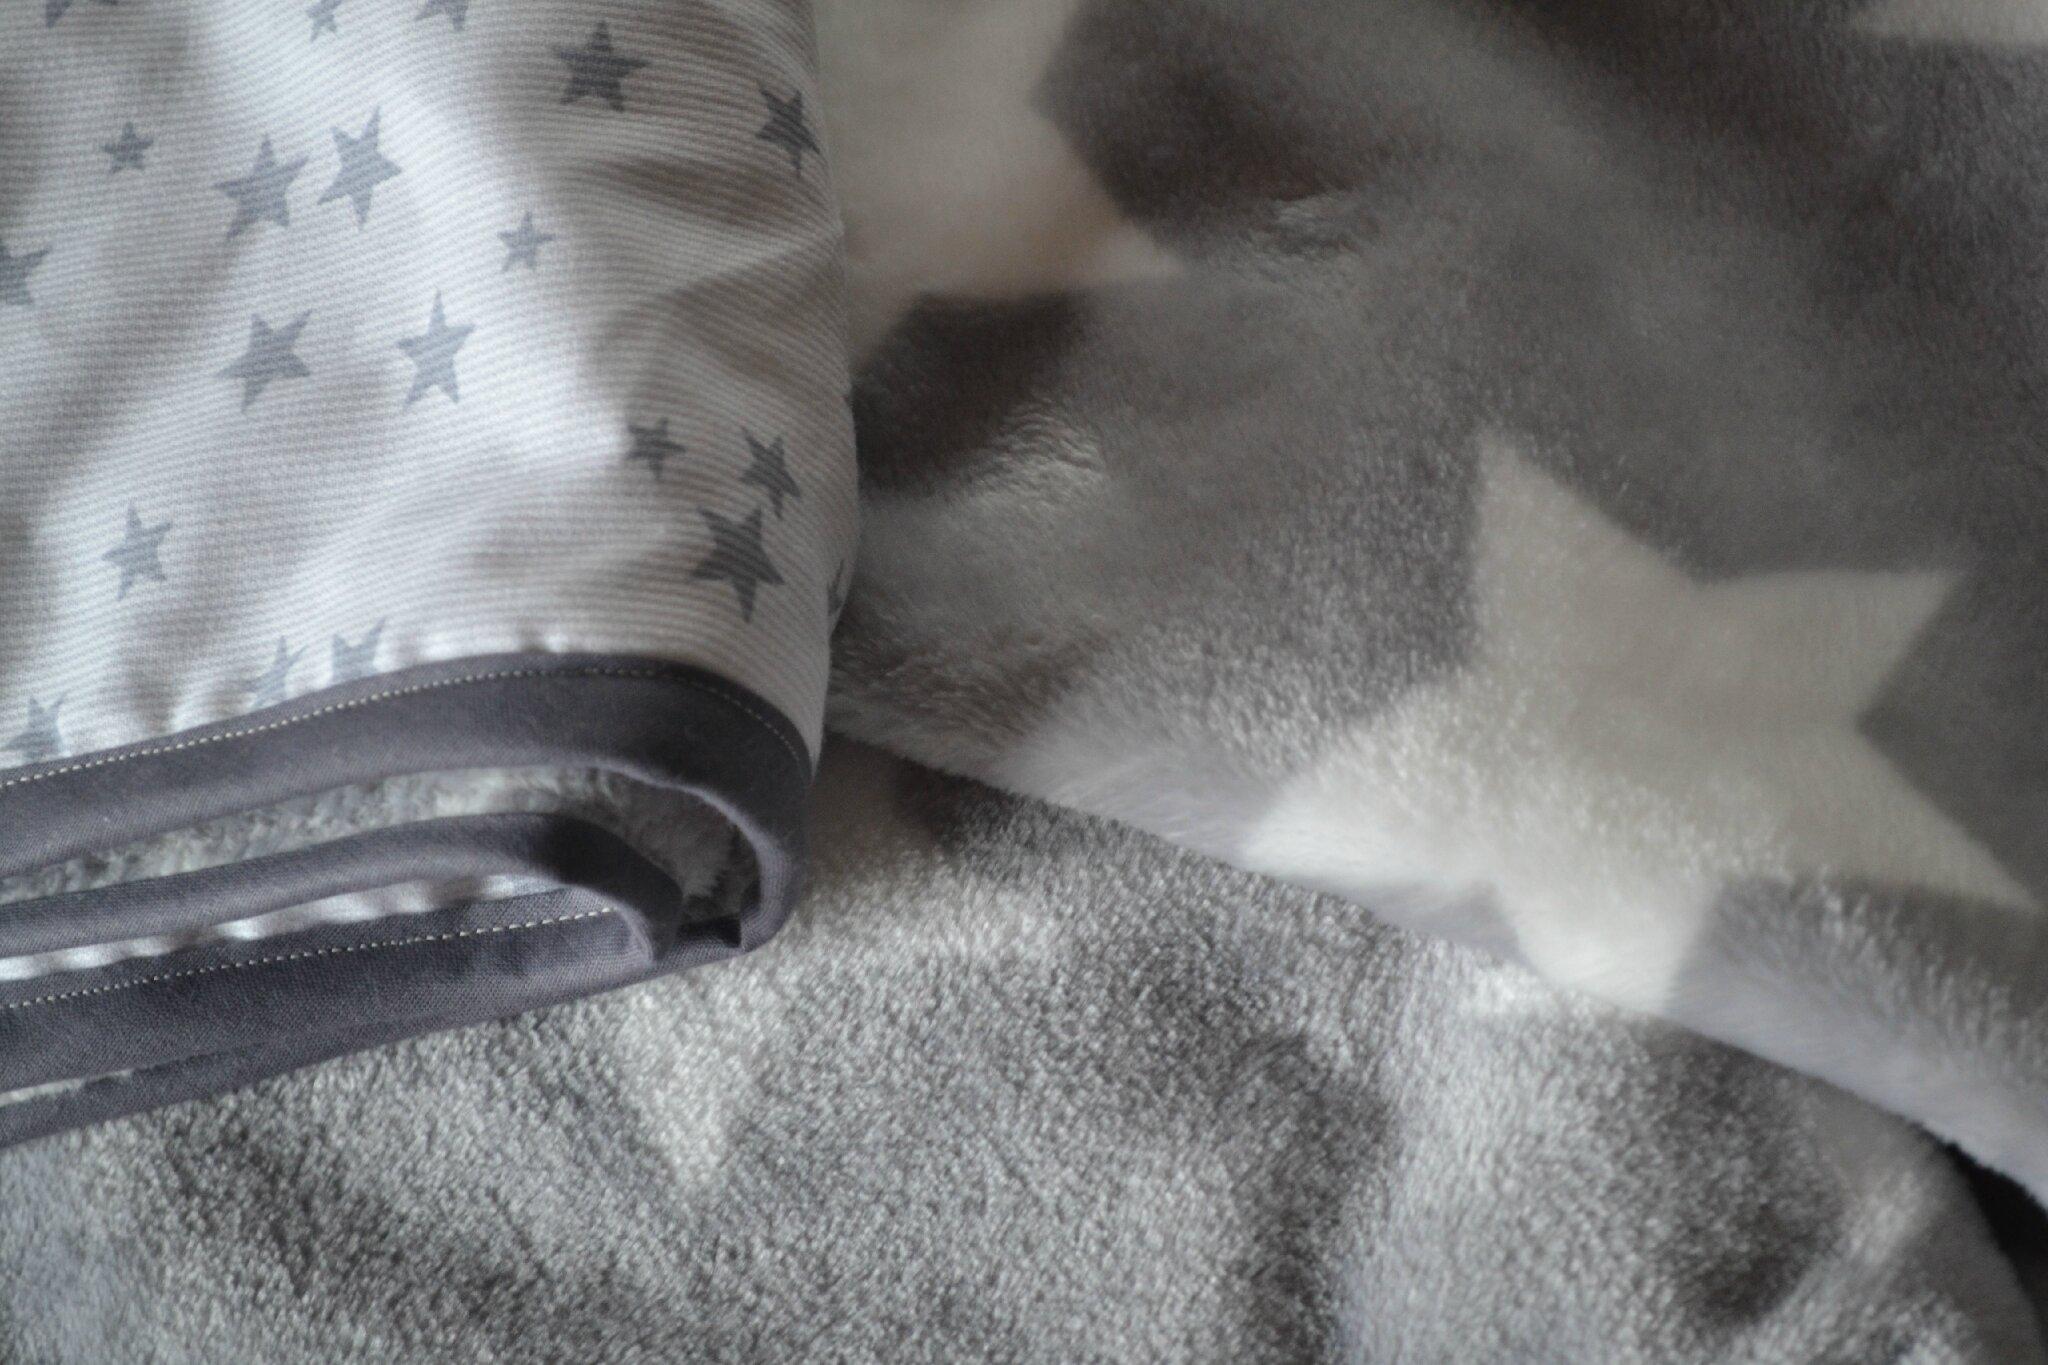 couverture bébé étoile Couverture bébé   Frip ouilles ! couverture bébé étoile